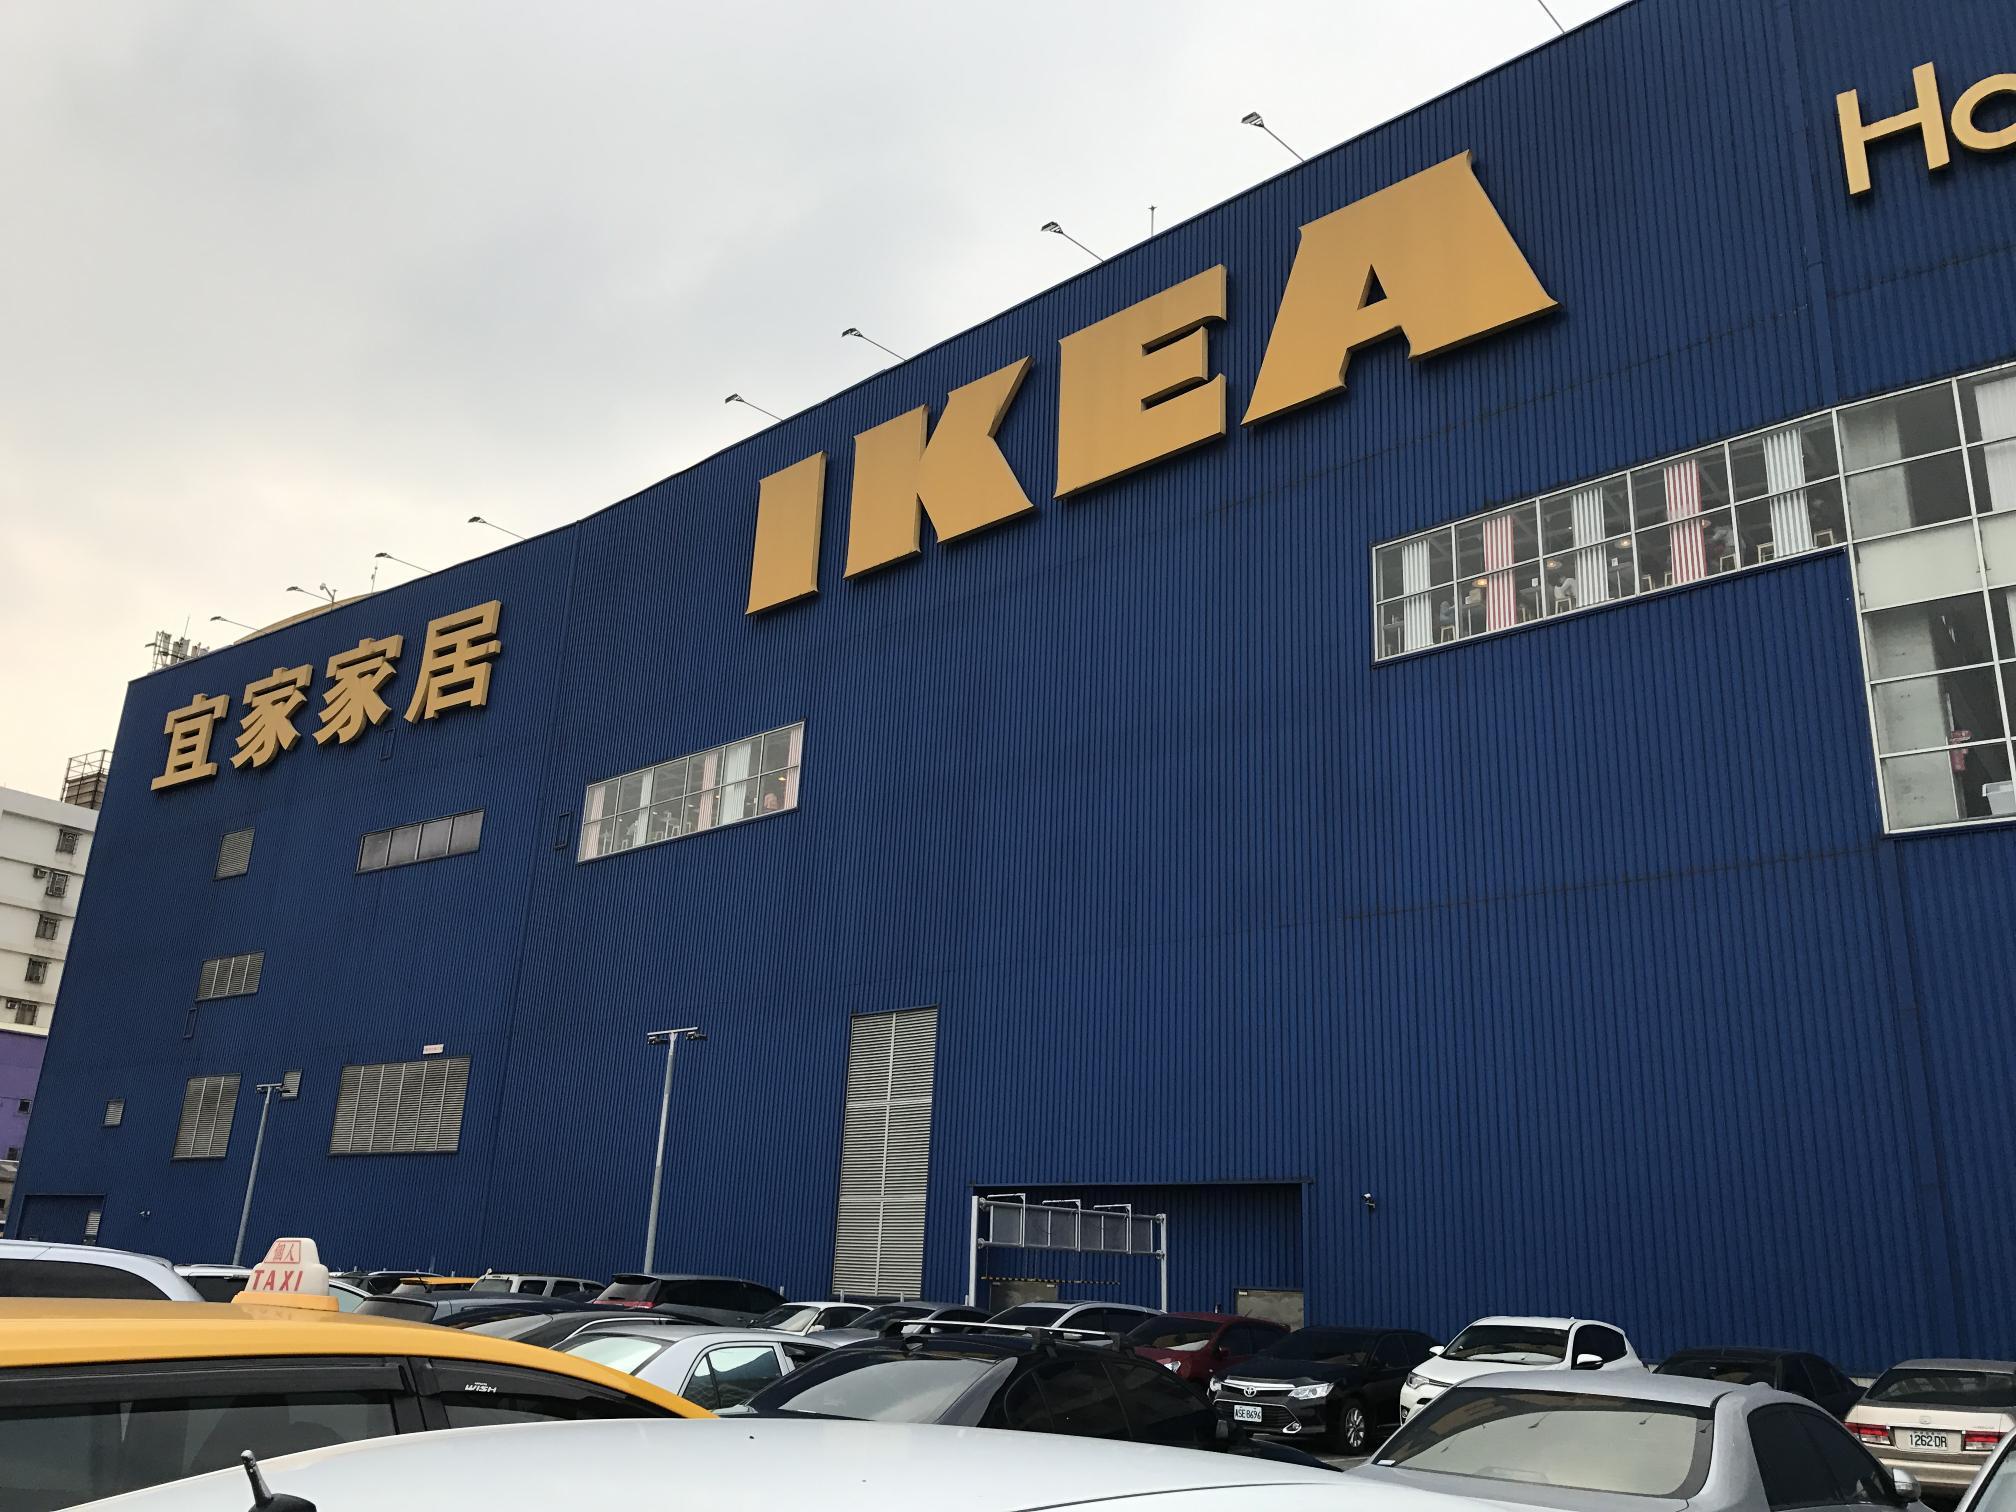 臺灣ダウンタウンライフ~がんばろう日本! IKEA新荘店で書棚BILLYとEKET購入してBILLYだけ組立